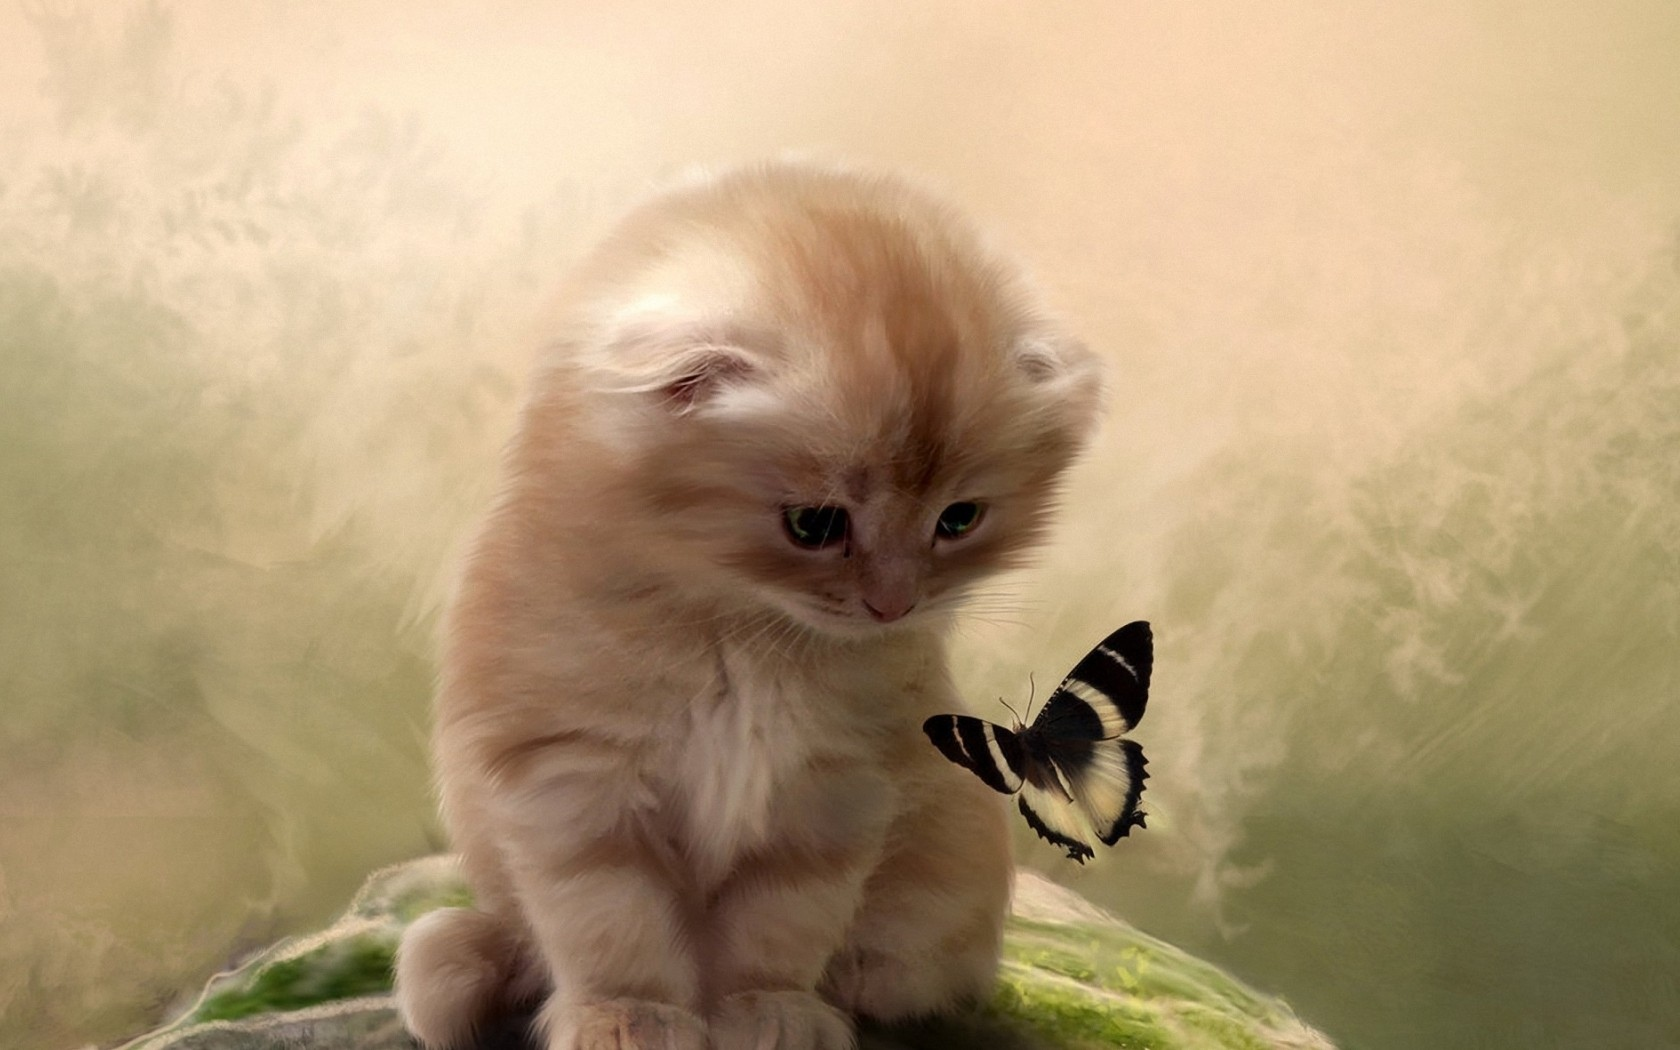 Butterfly kitten cat wallpaper 1680x1050 48565 WallpaperUP 1680x1050